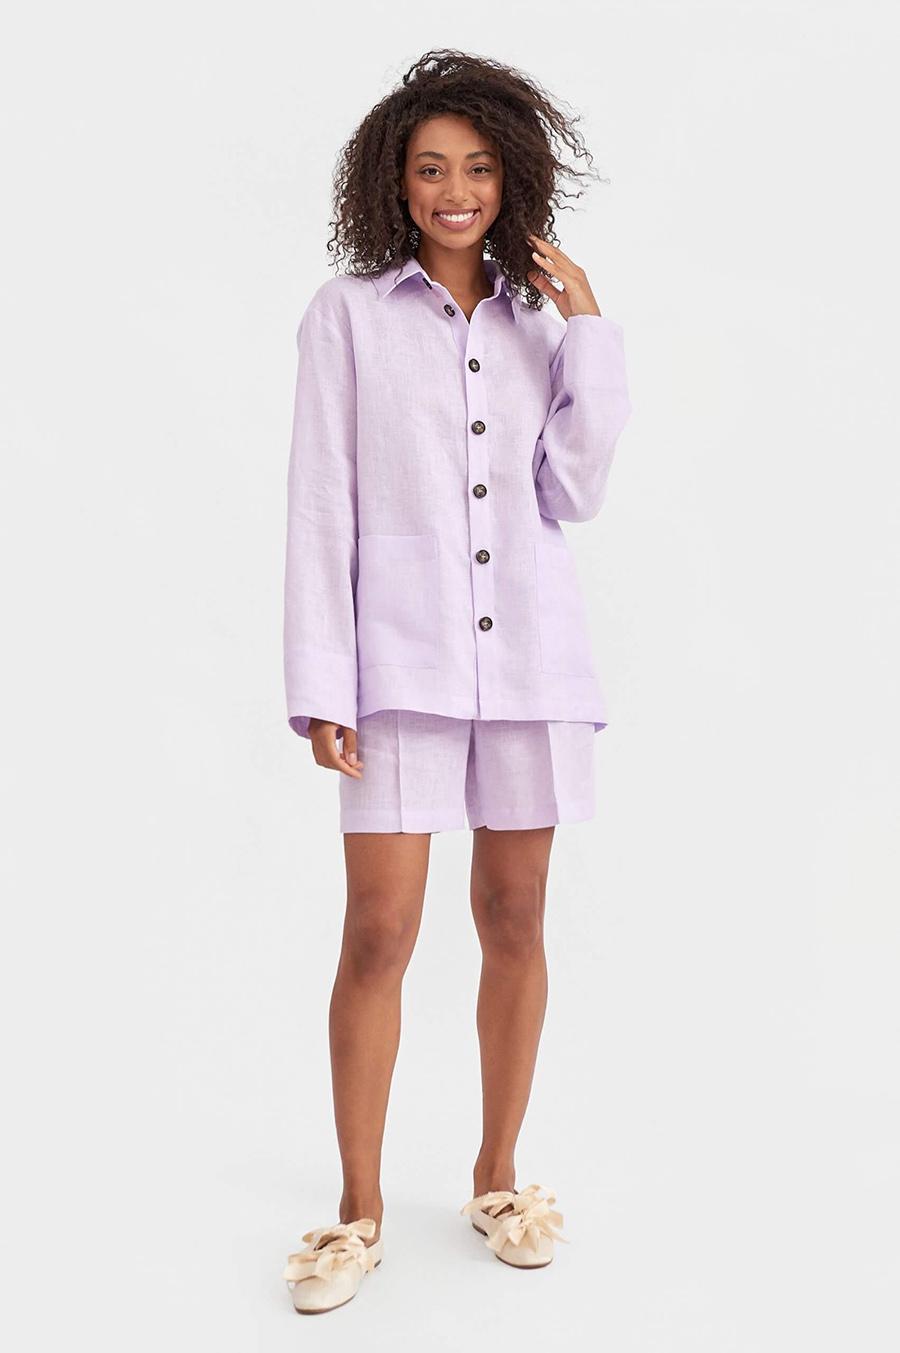 модный костюм лен льняной шорты жакет пиджак рубашка лиловый лавандовый